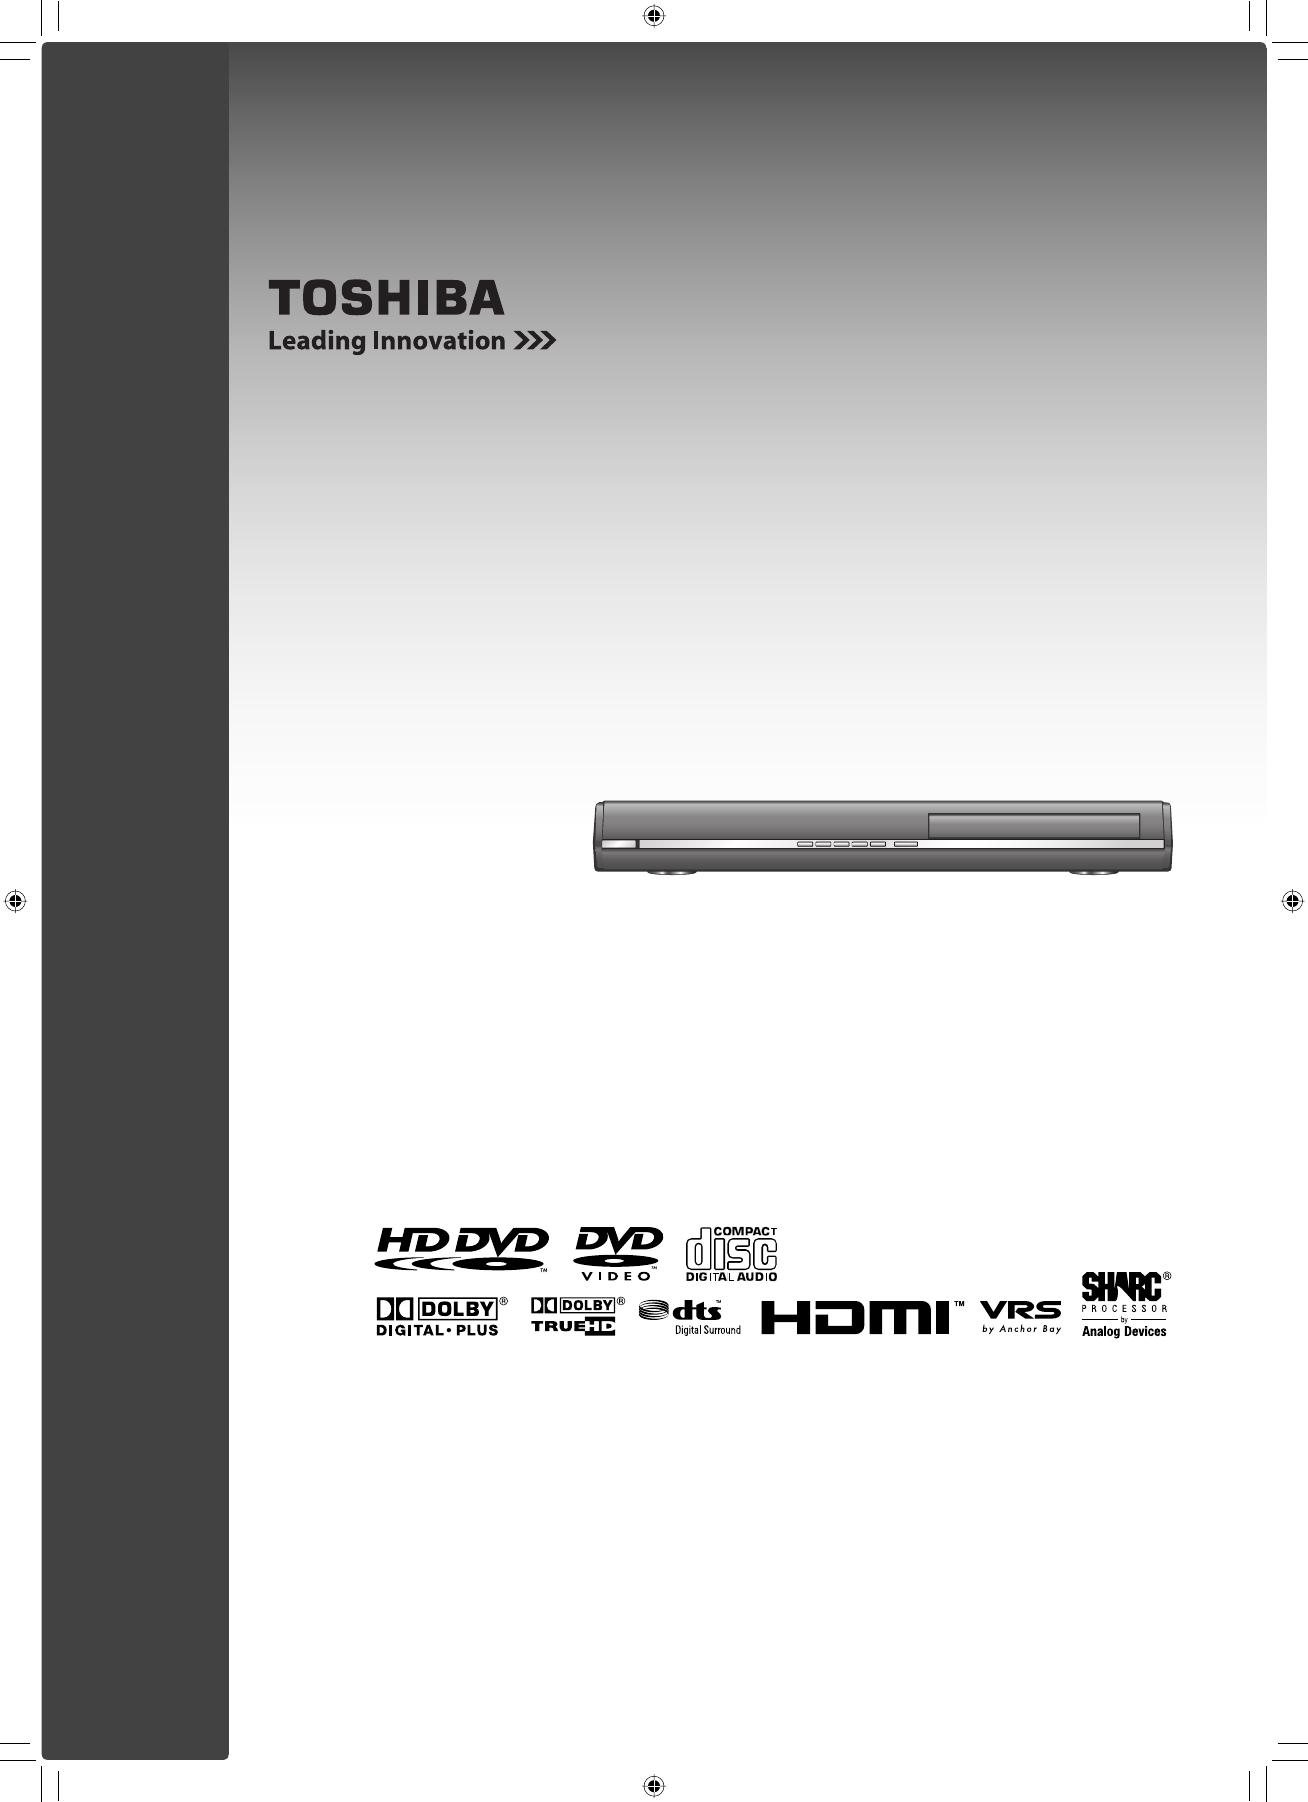 toshiba dvd player hd ep30ke user guide manualsonline com rh tv manualsonline com Best Toshiba HD DVD Player Best Toshiba HD DVD Player